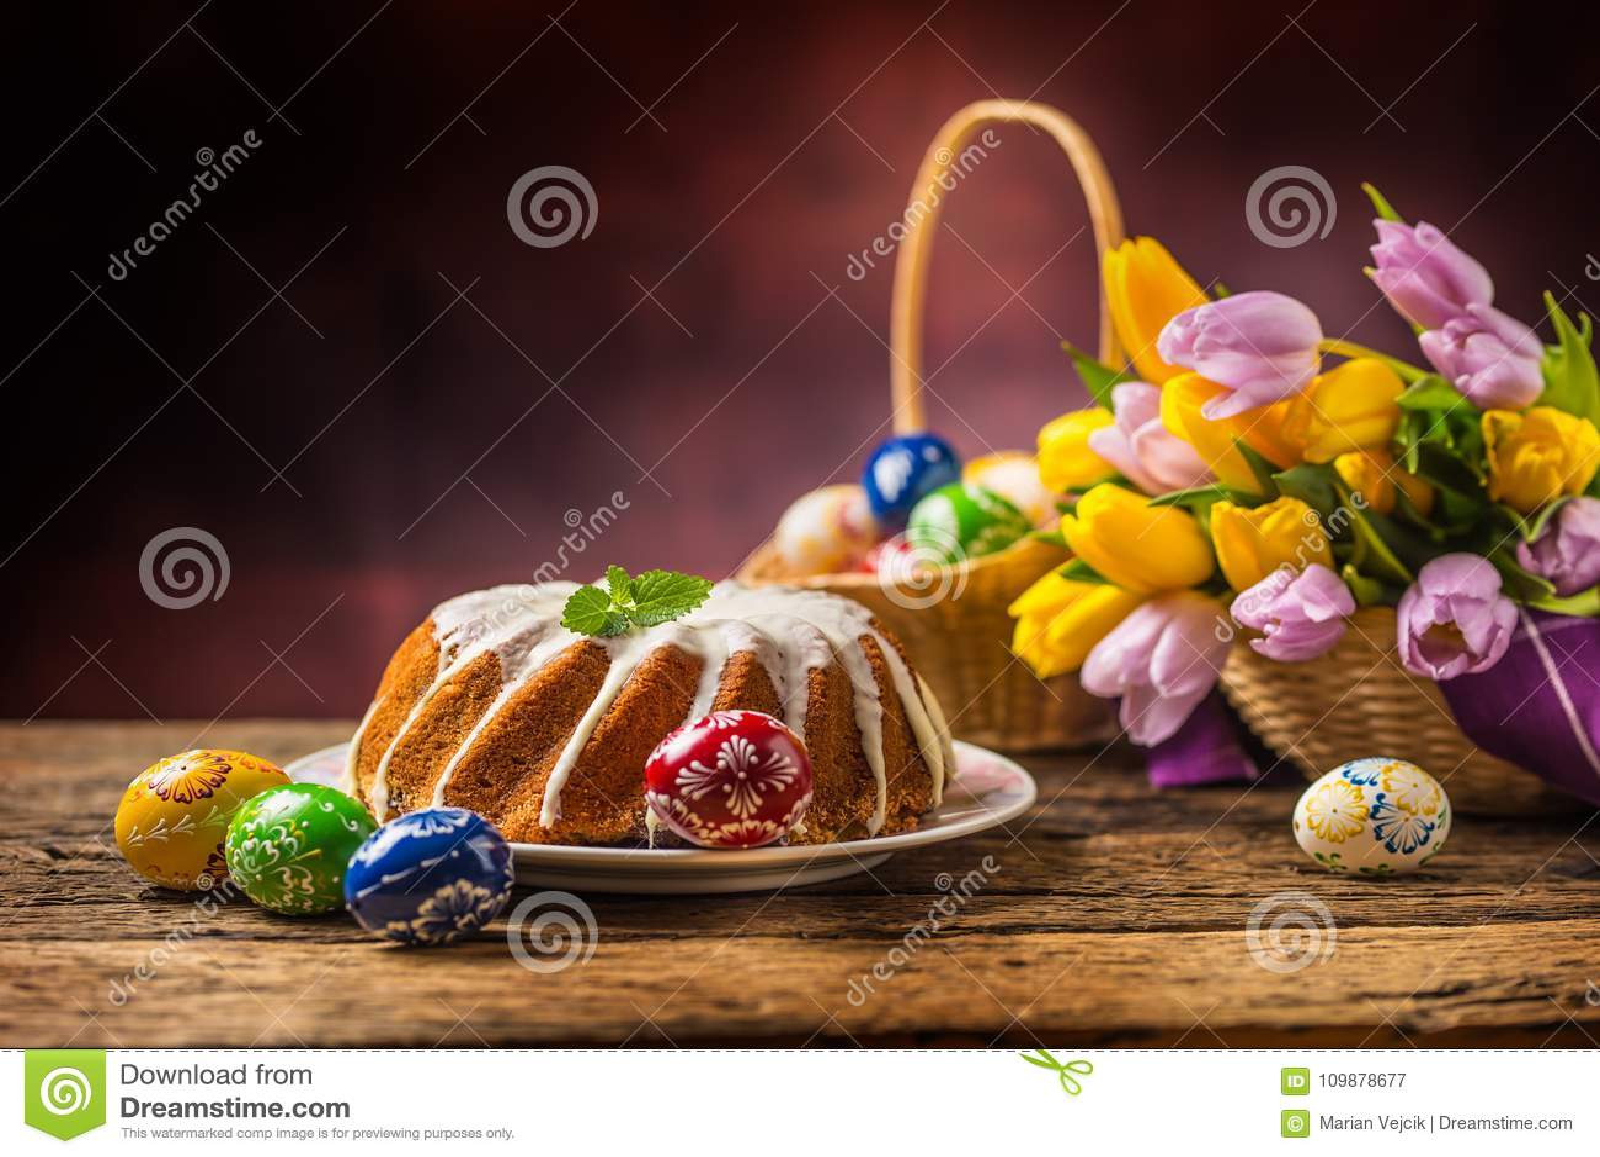 De cake van Pasen Traditionele rings marmeren cake met Pasen-decoratie